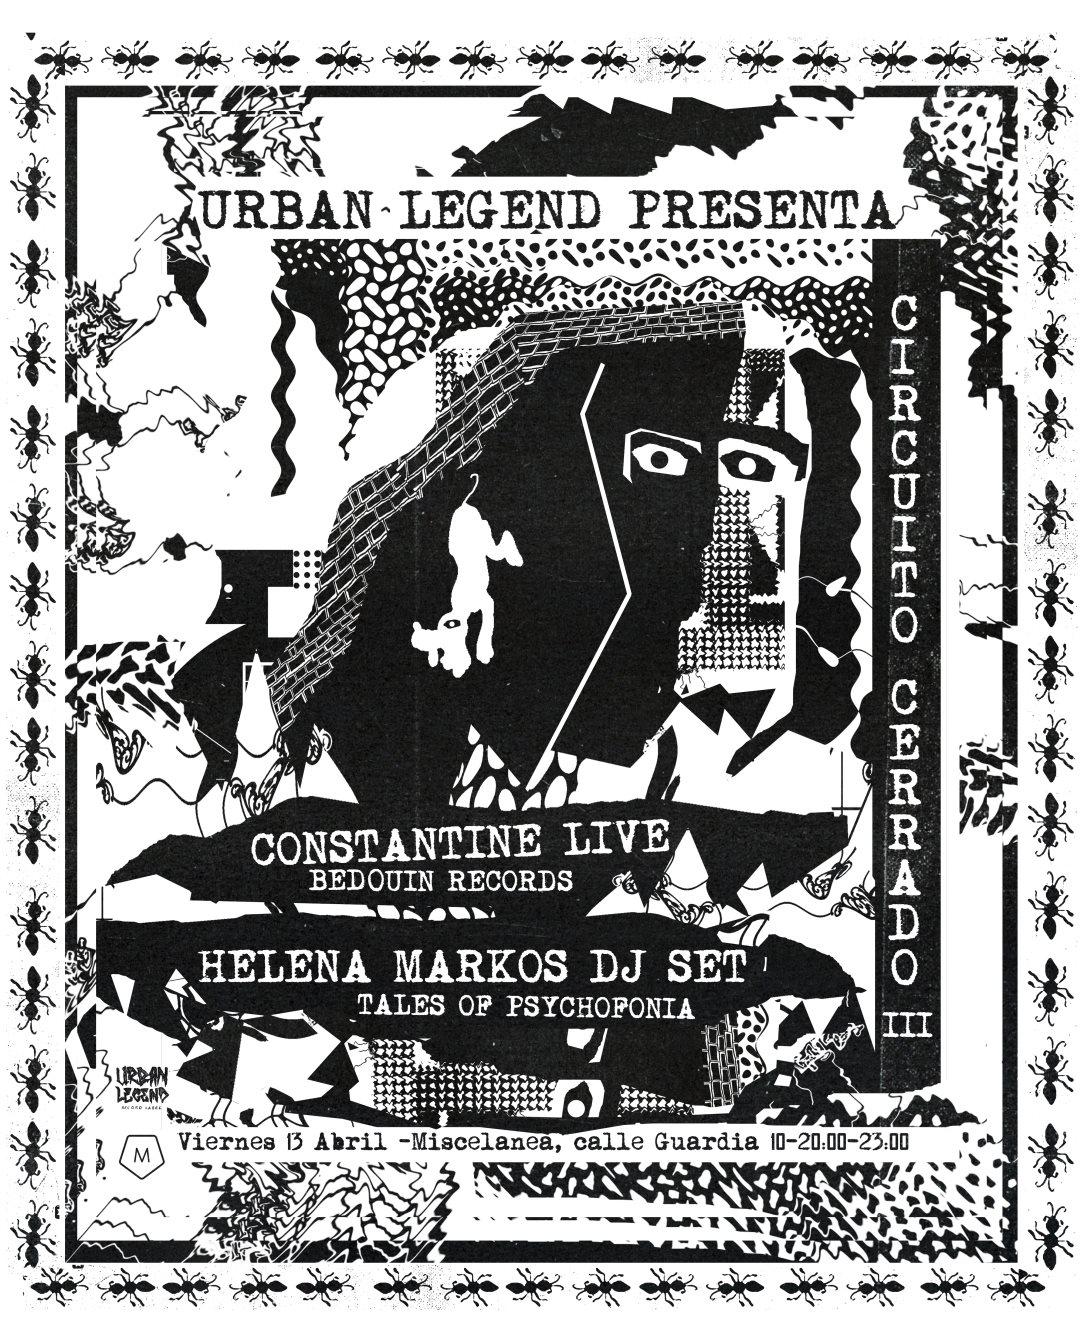 Circuito Cerrado : Ra circuito cerrado iii constantine live helena markos dj set at